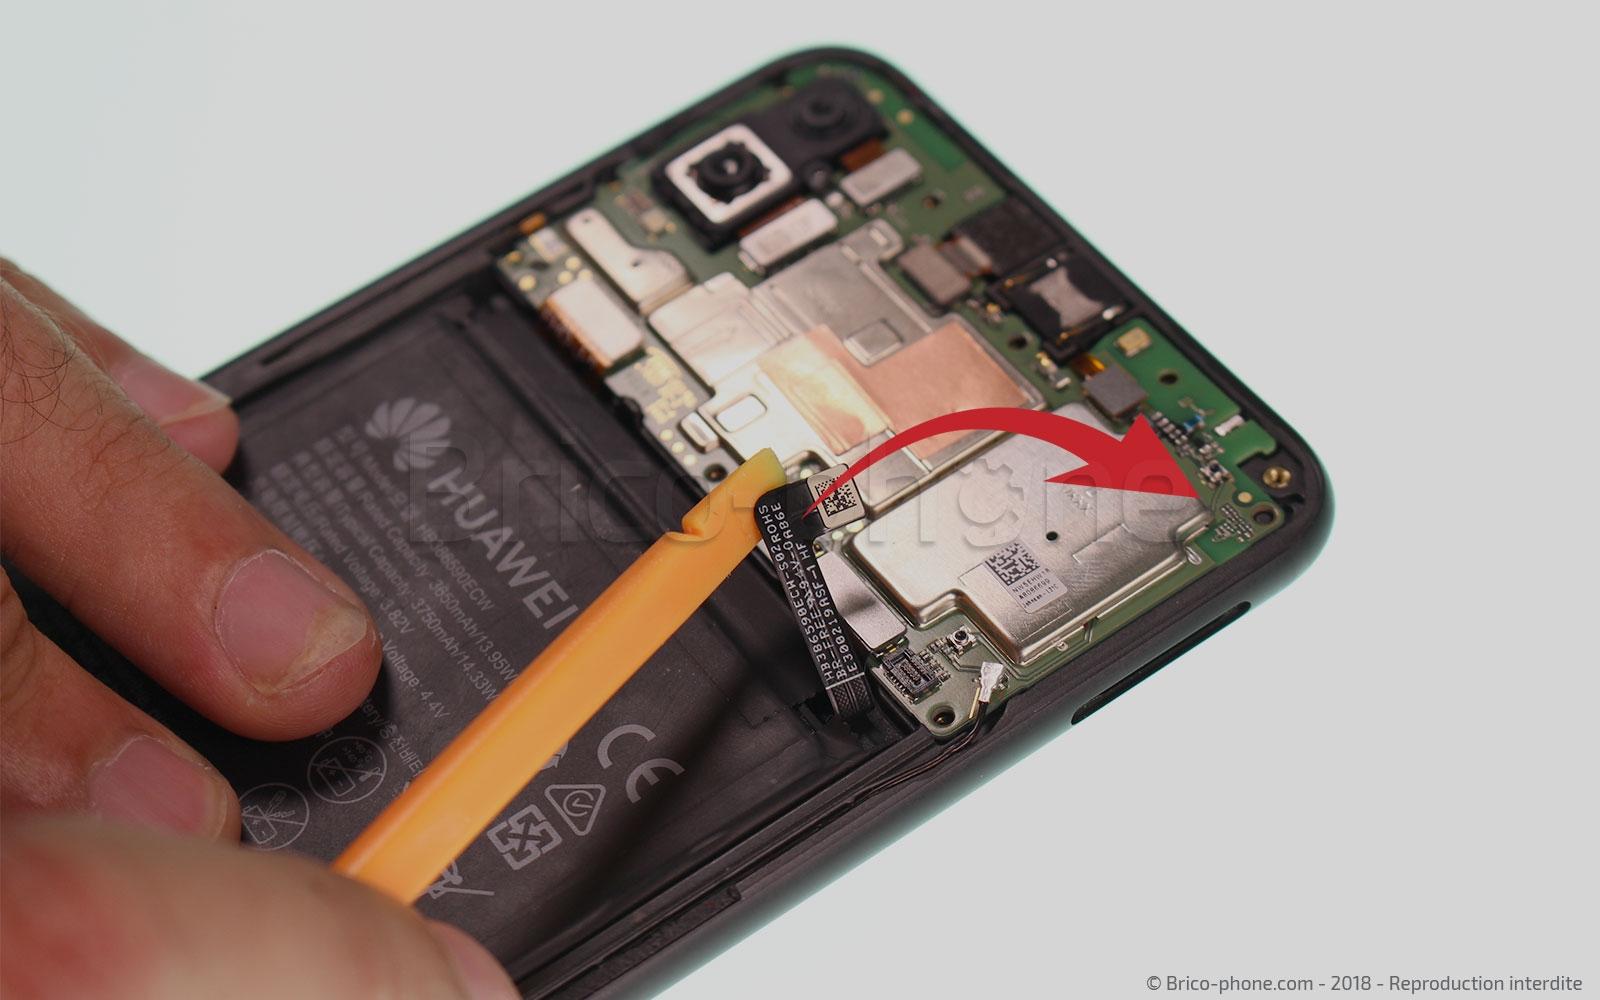 Etape 5 : Déconnecter la batterie  et la nappe du lecteur d'empreinte